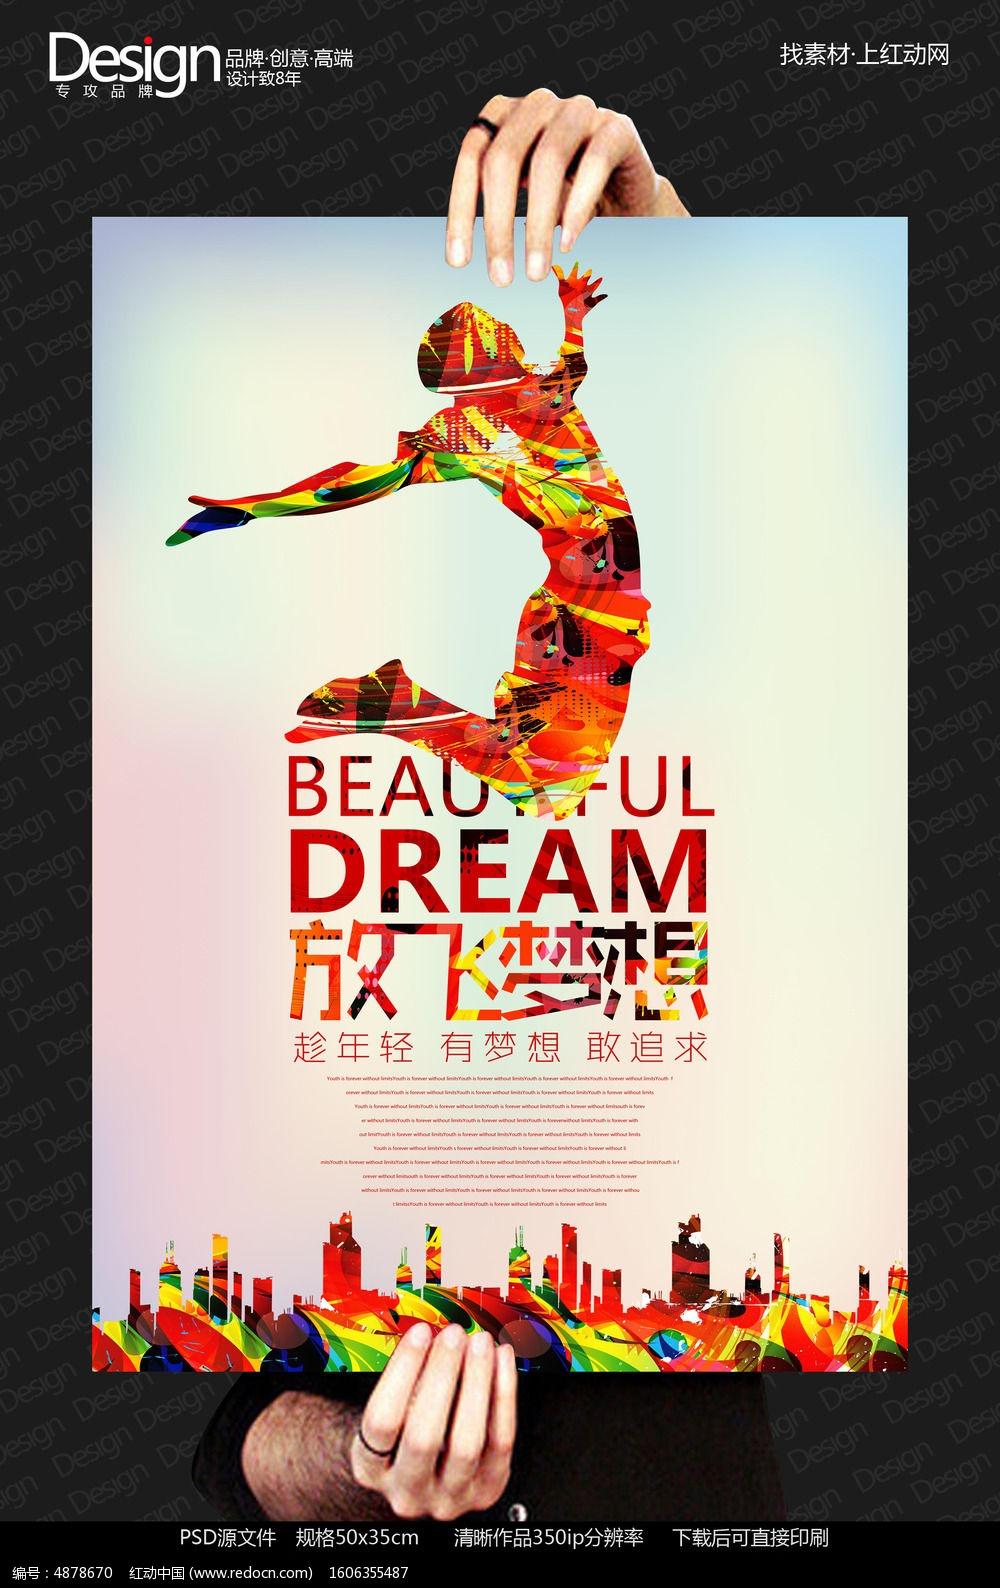 创意励志创业放飞梦想海报设计图片